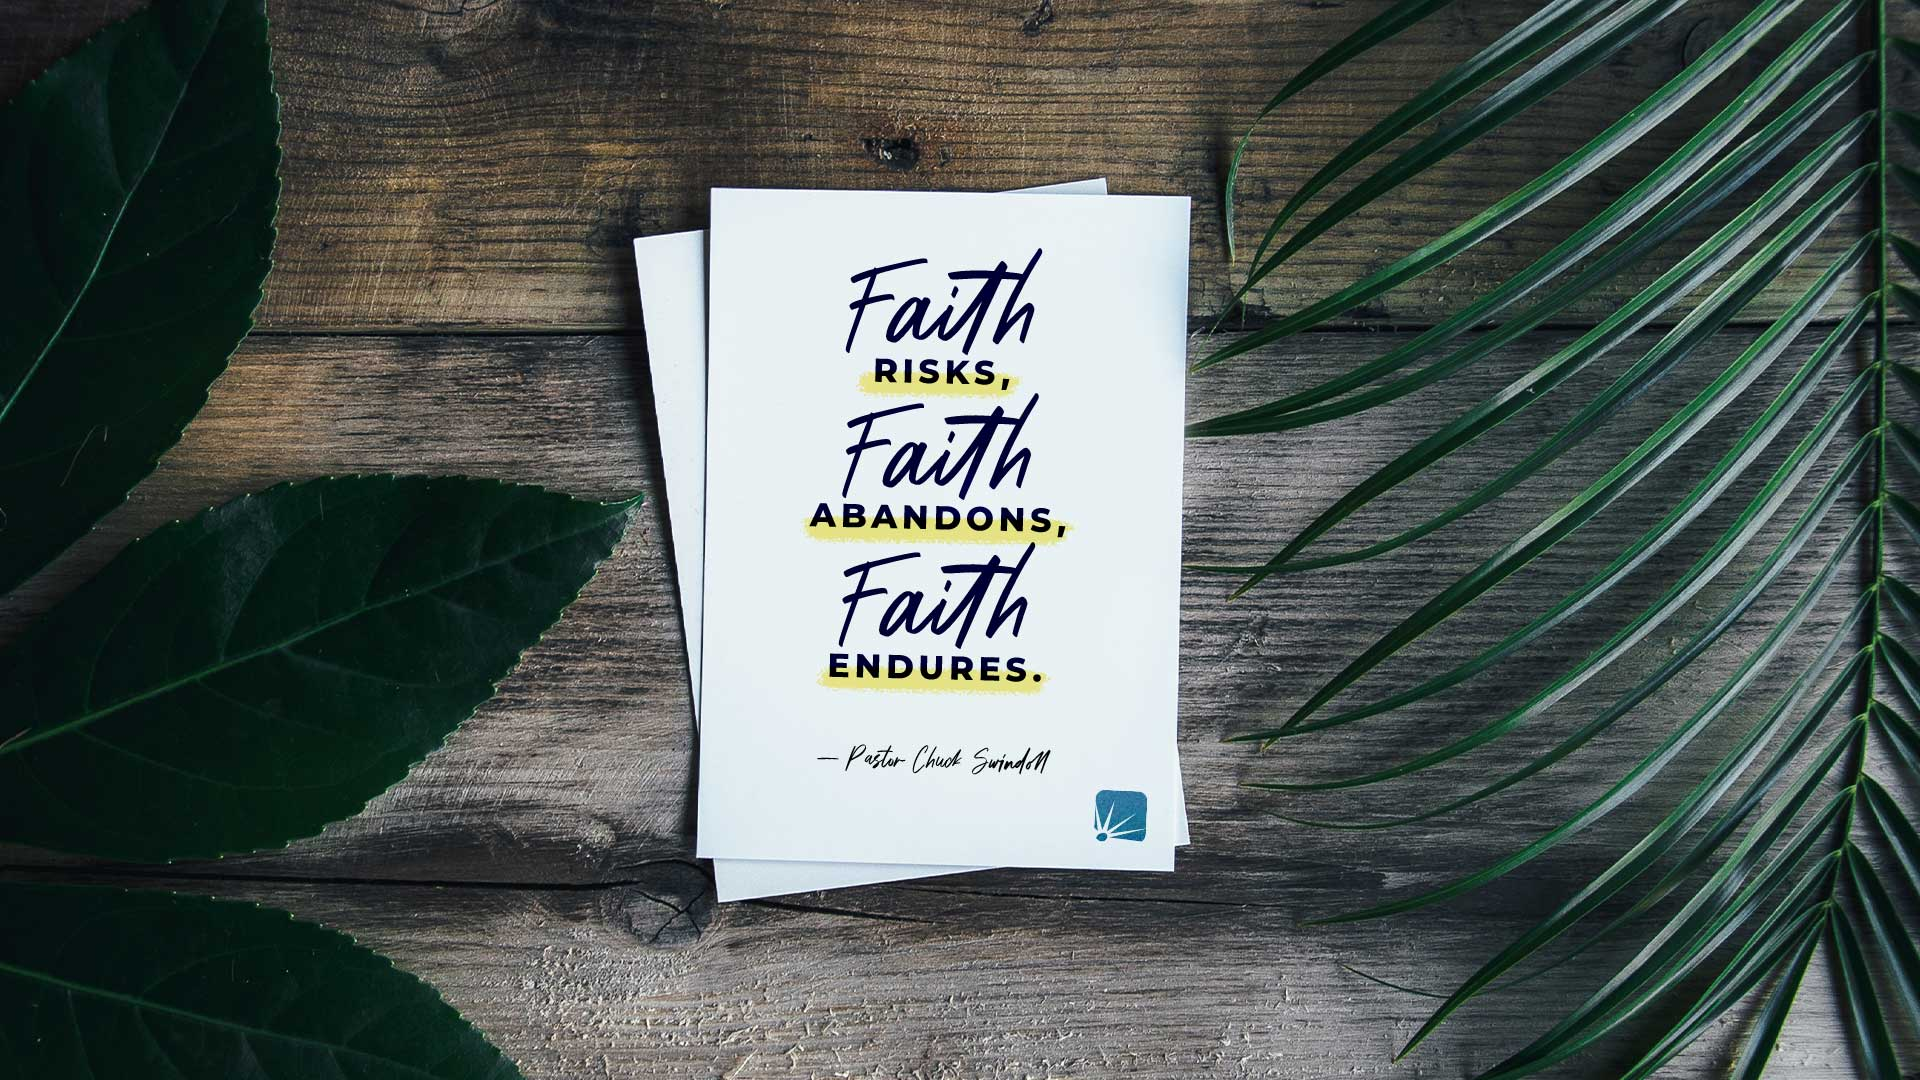 Faith risks. Faith abandons. Faith endures.